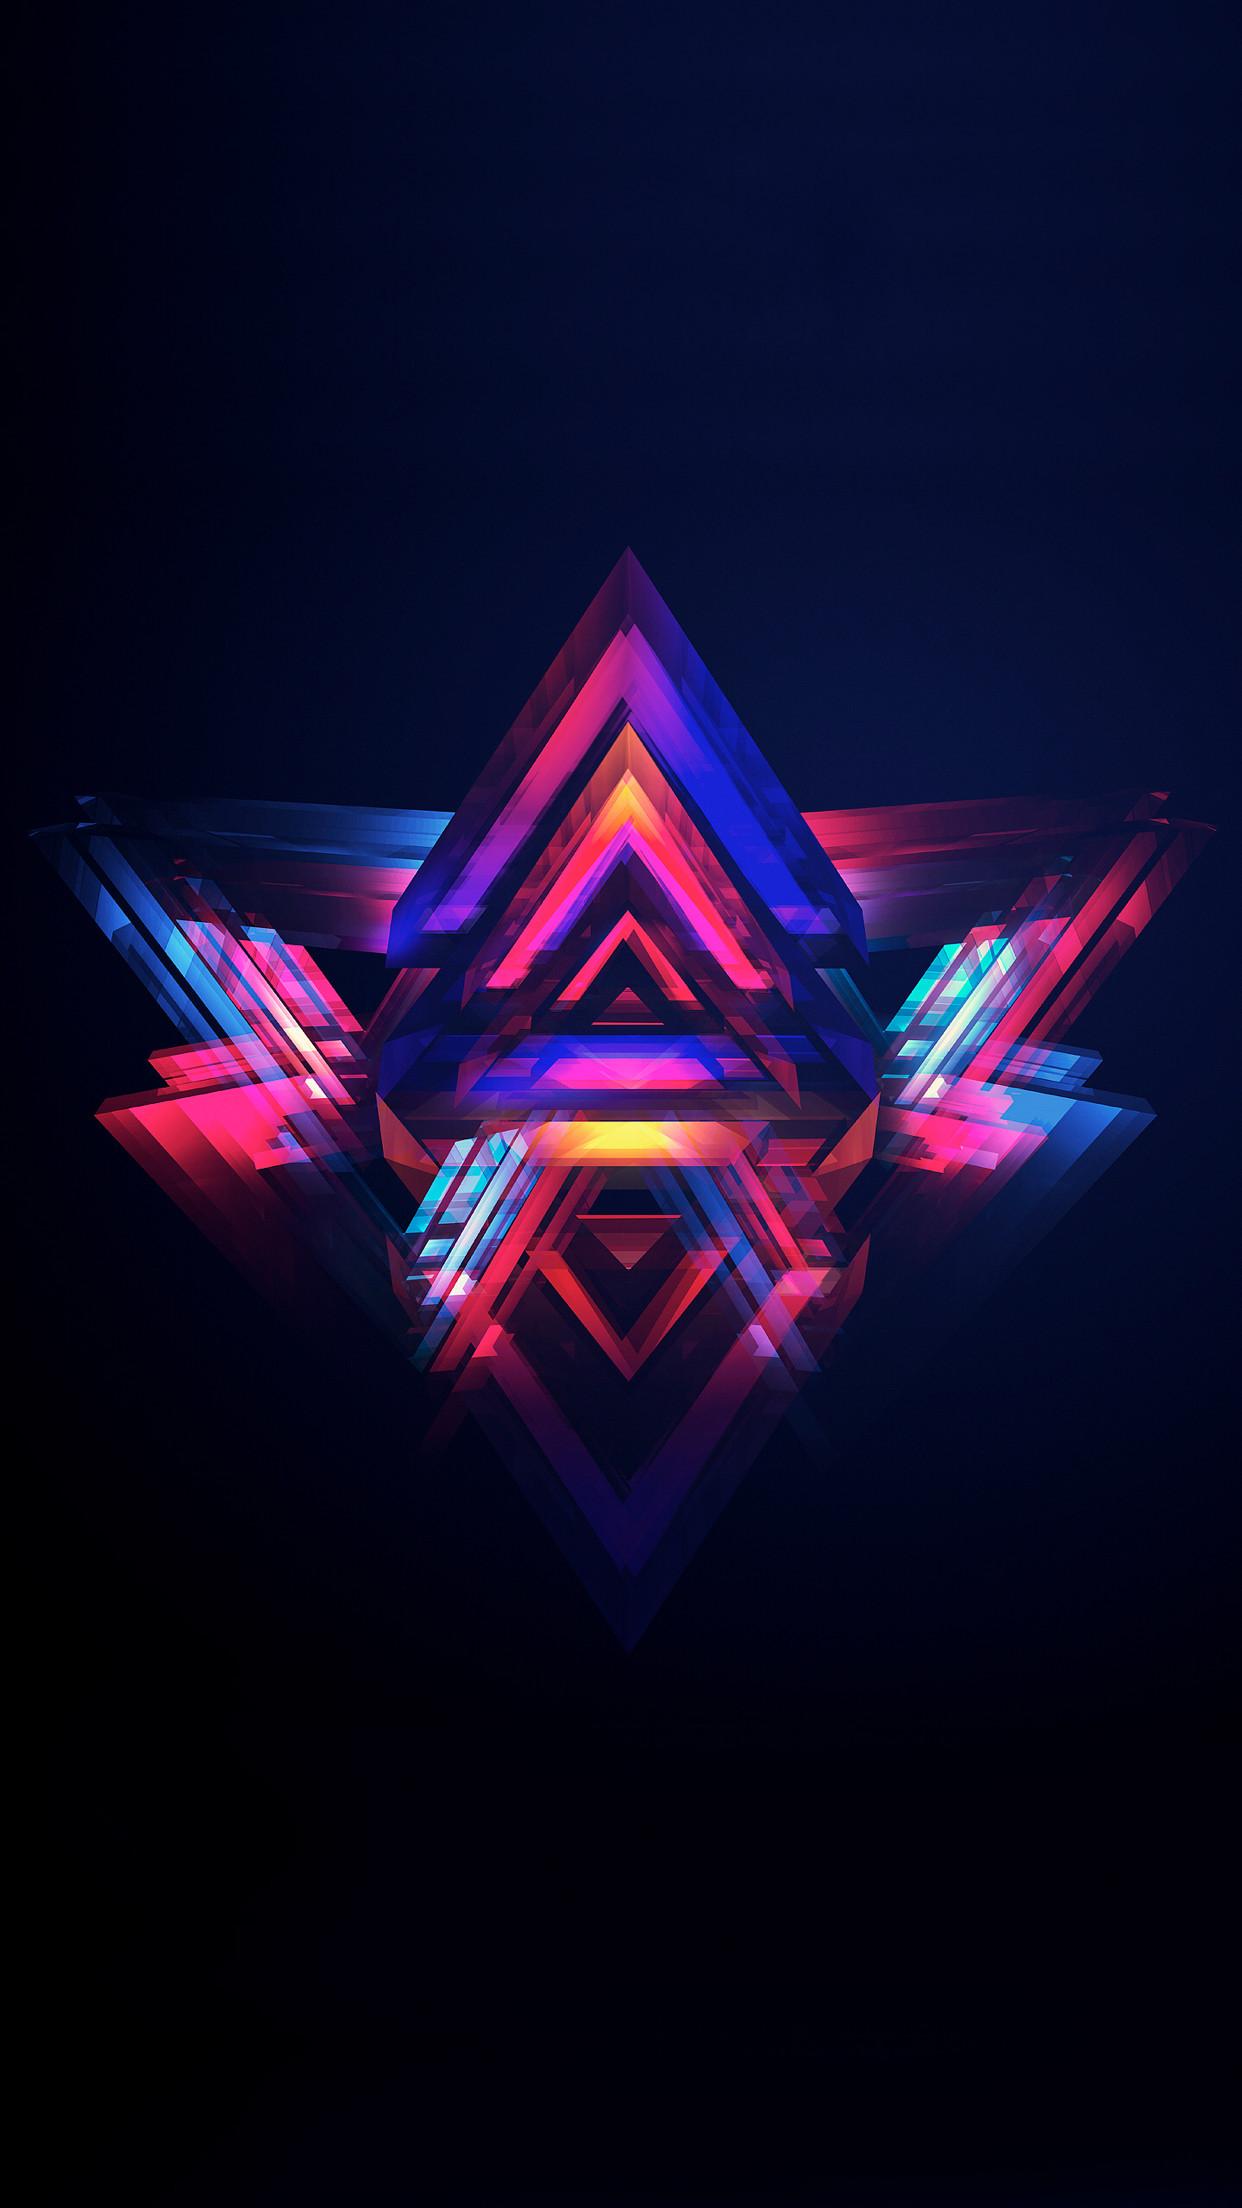 Neon 80s Wallpaper (78+ images)